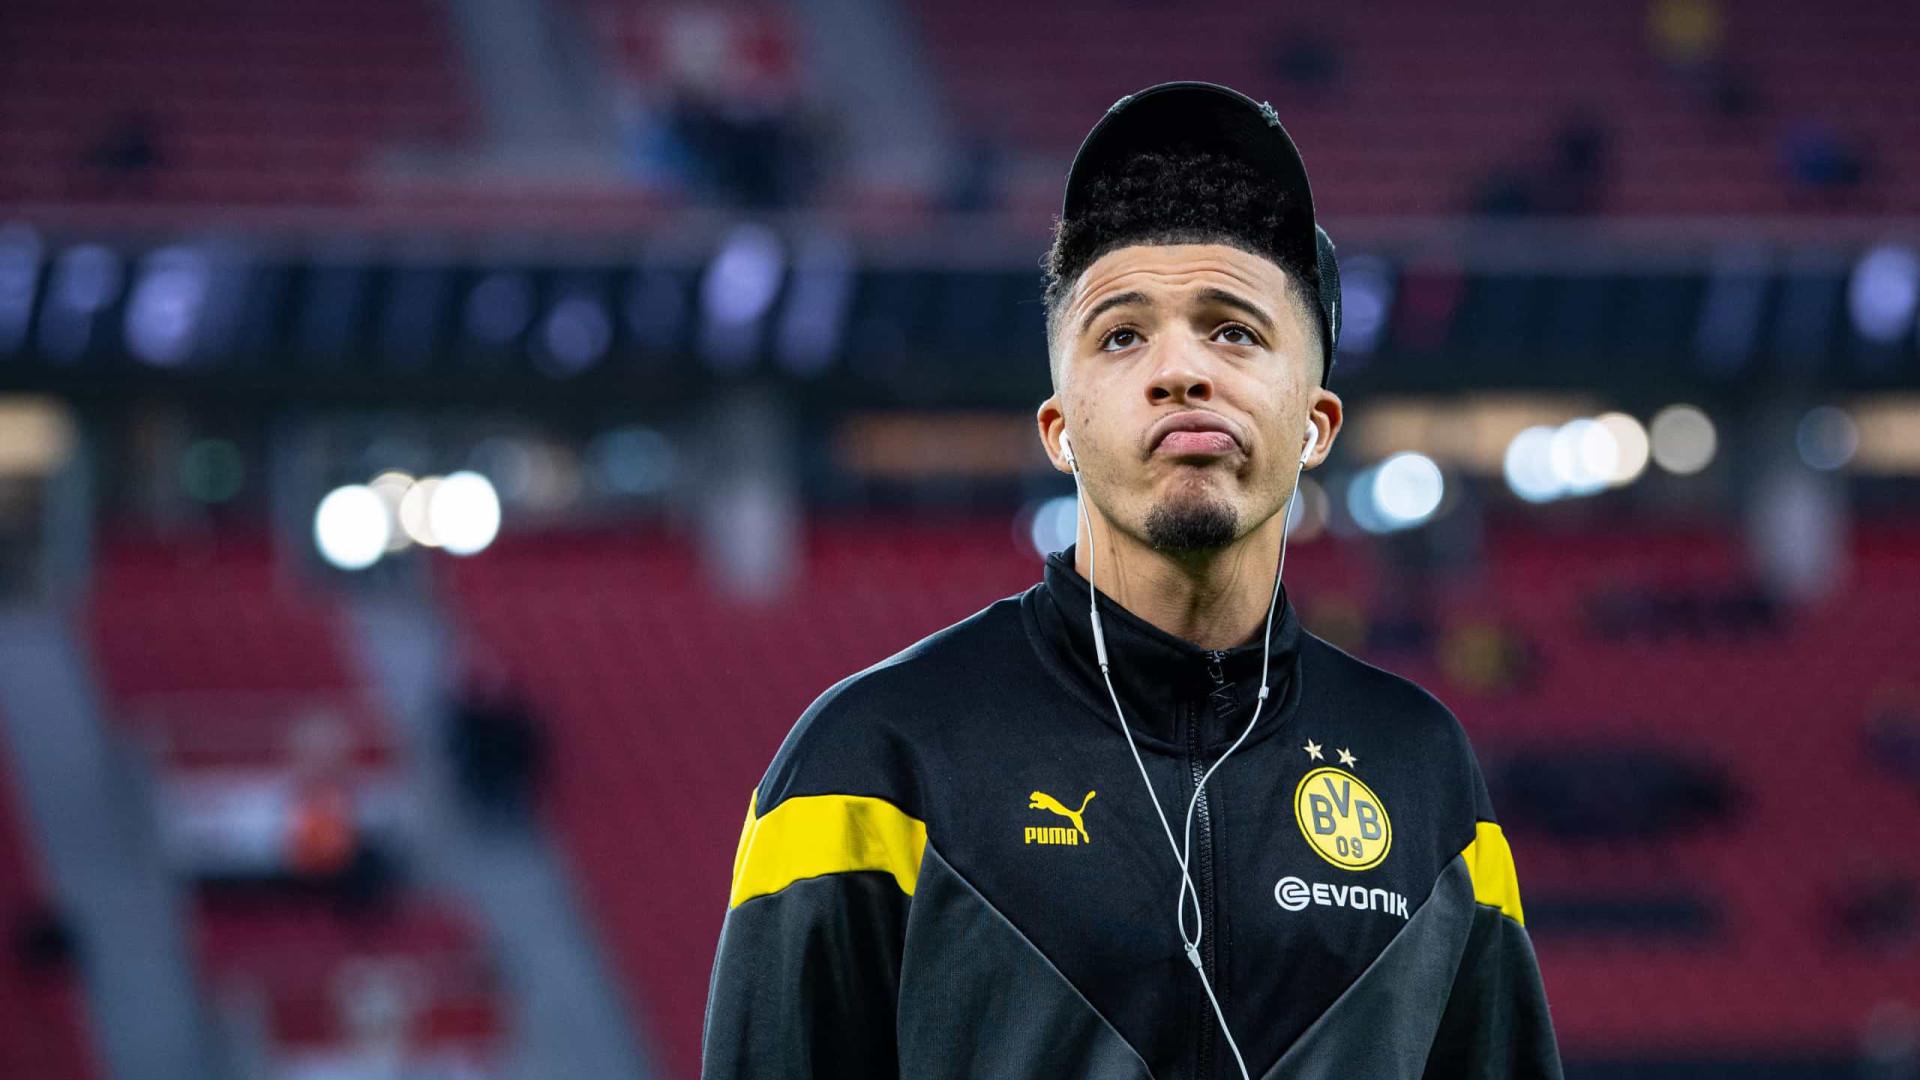 Dupla do Dortmund multada por violar protocolo sanitário ao cortar cabelo